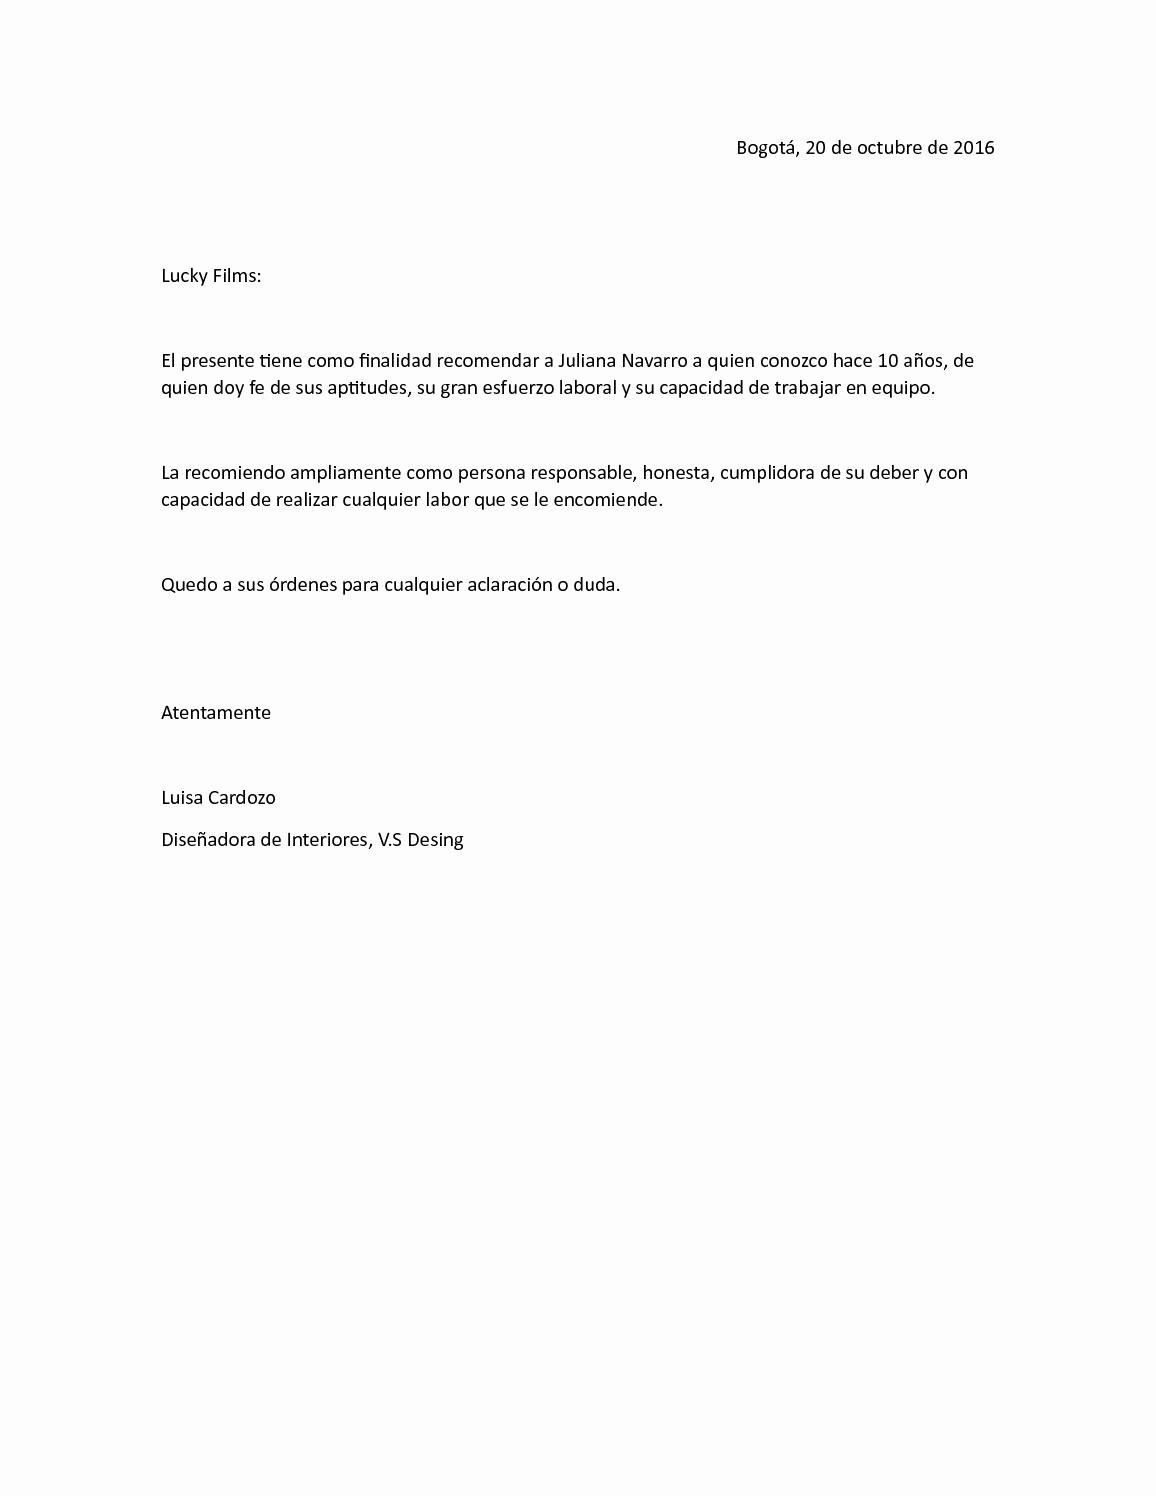 Formato De Carta Recomendacion Laboral Best Of Calaméo Ejemplo Carta De Re Endacion Personal